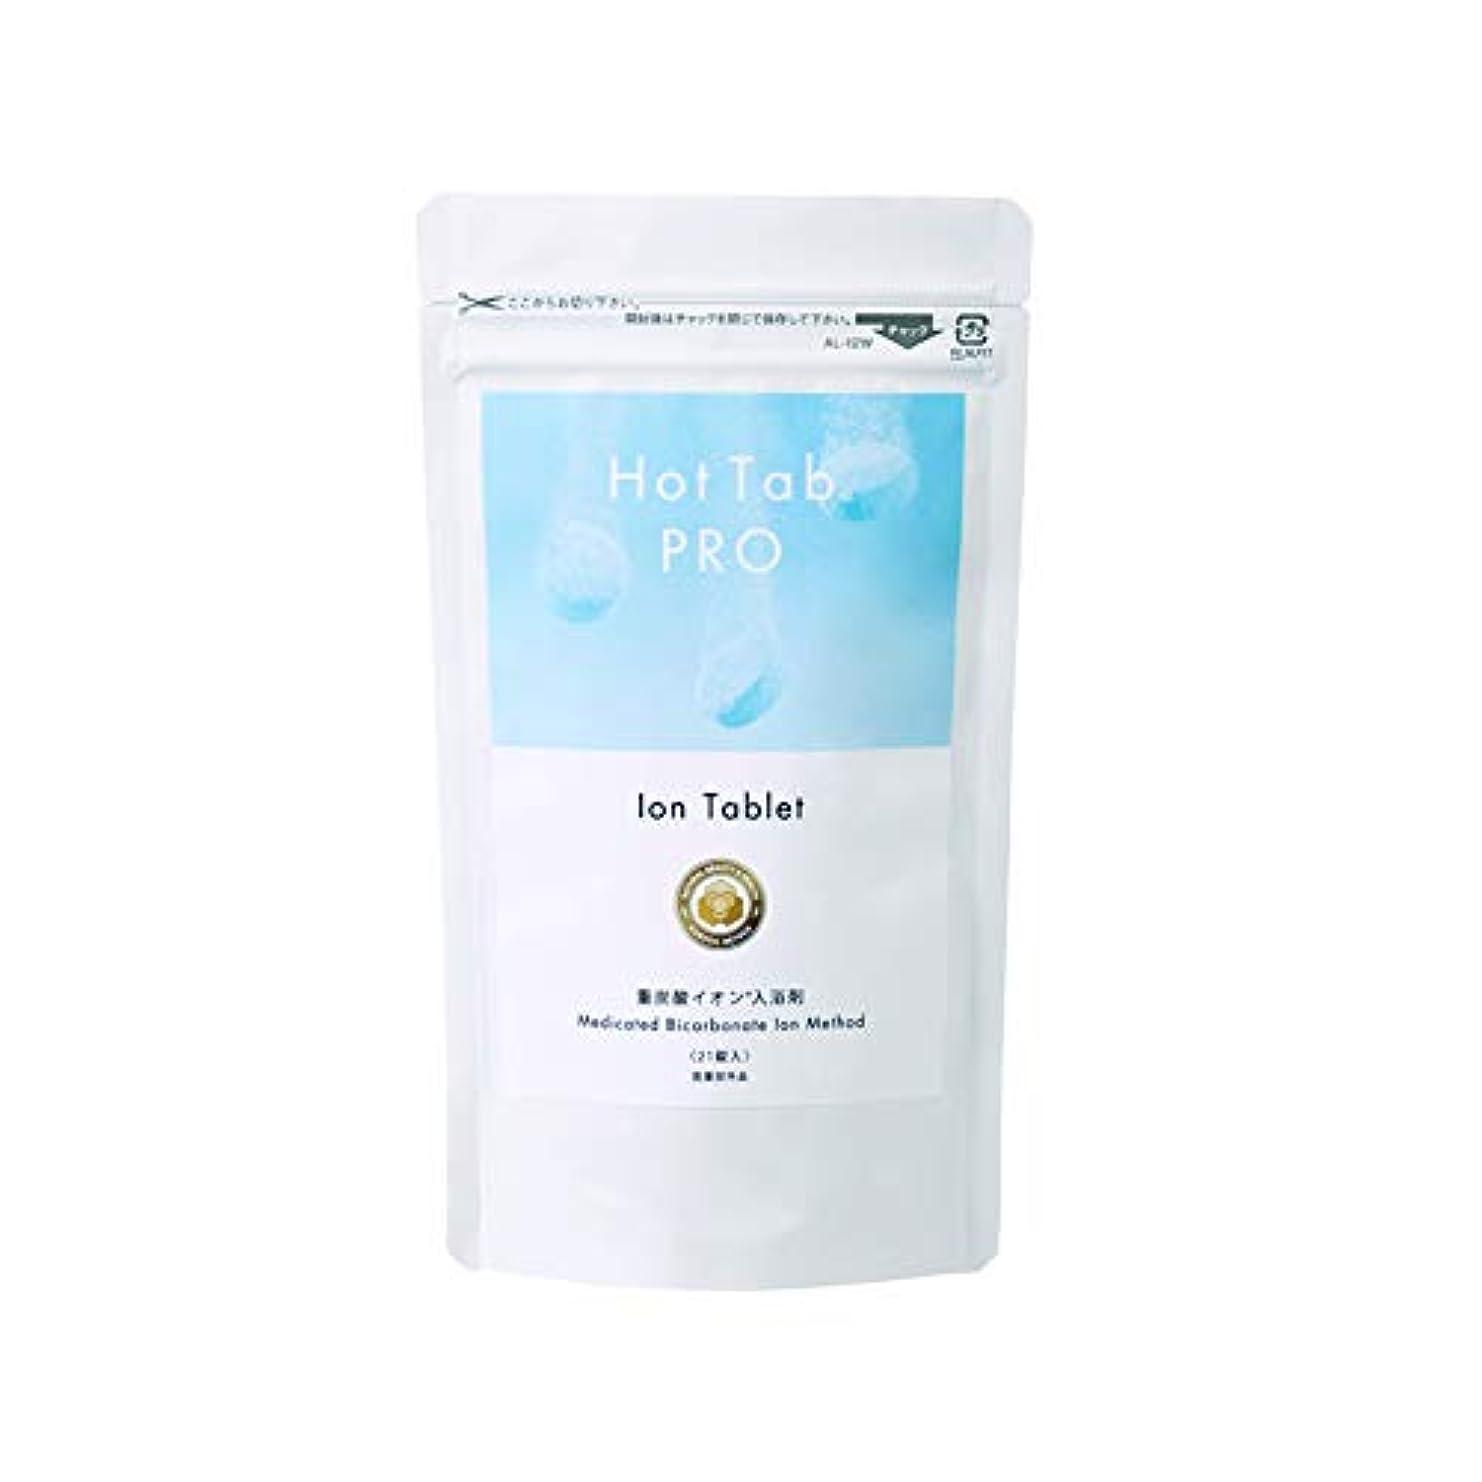 スキッパータンク困った最新型 日本製なめらか重炭酸入浴剤「ホットタブPro」(デリケートな肌でも安心 無香料 無着色 中性pH) (21錠セット)